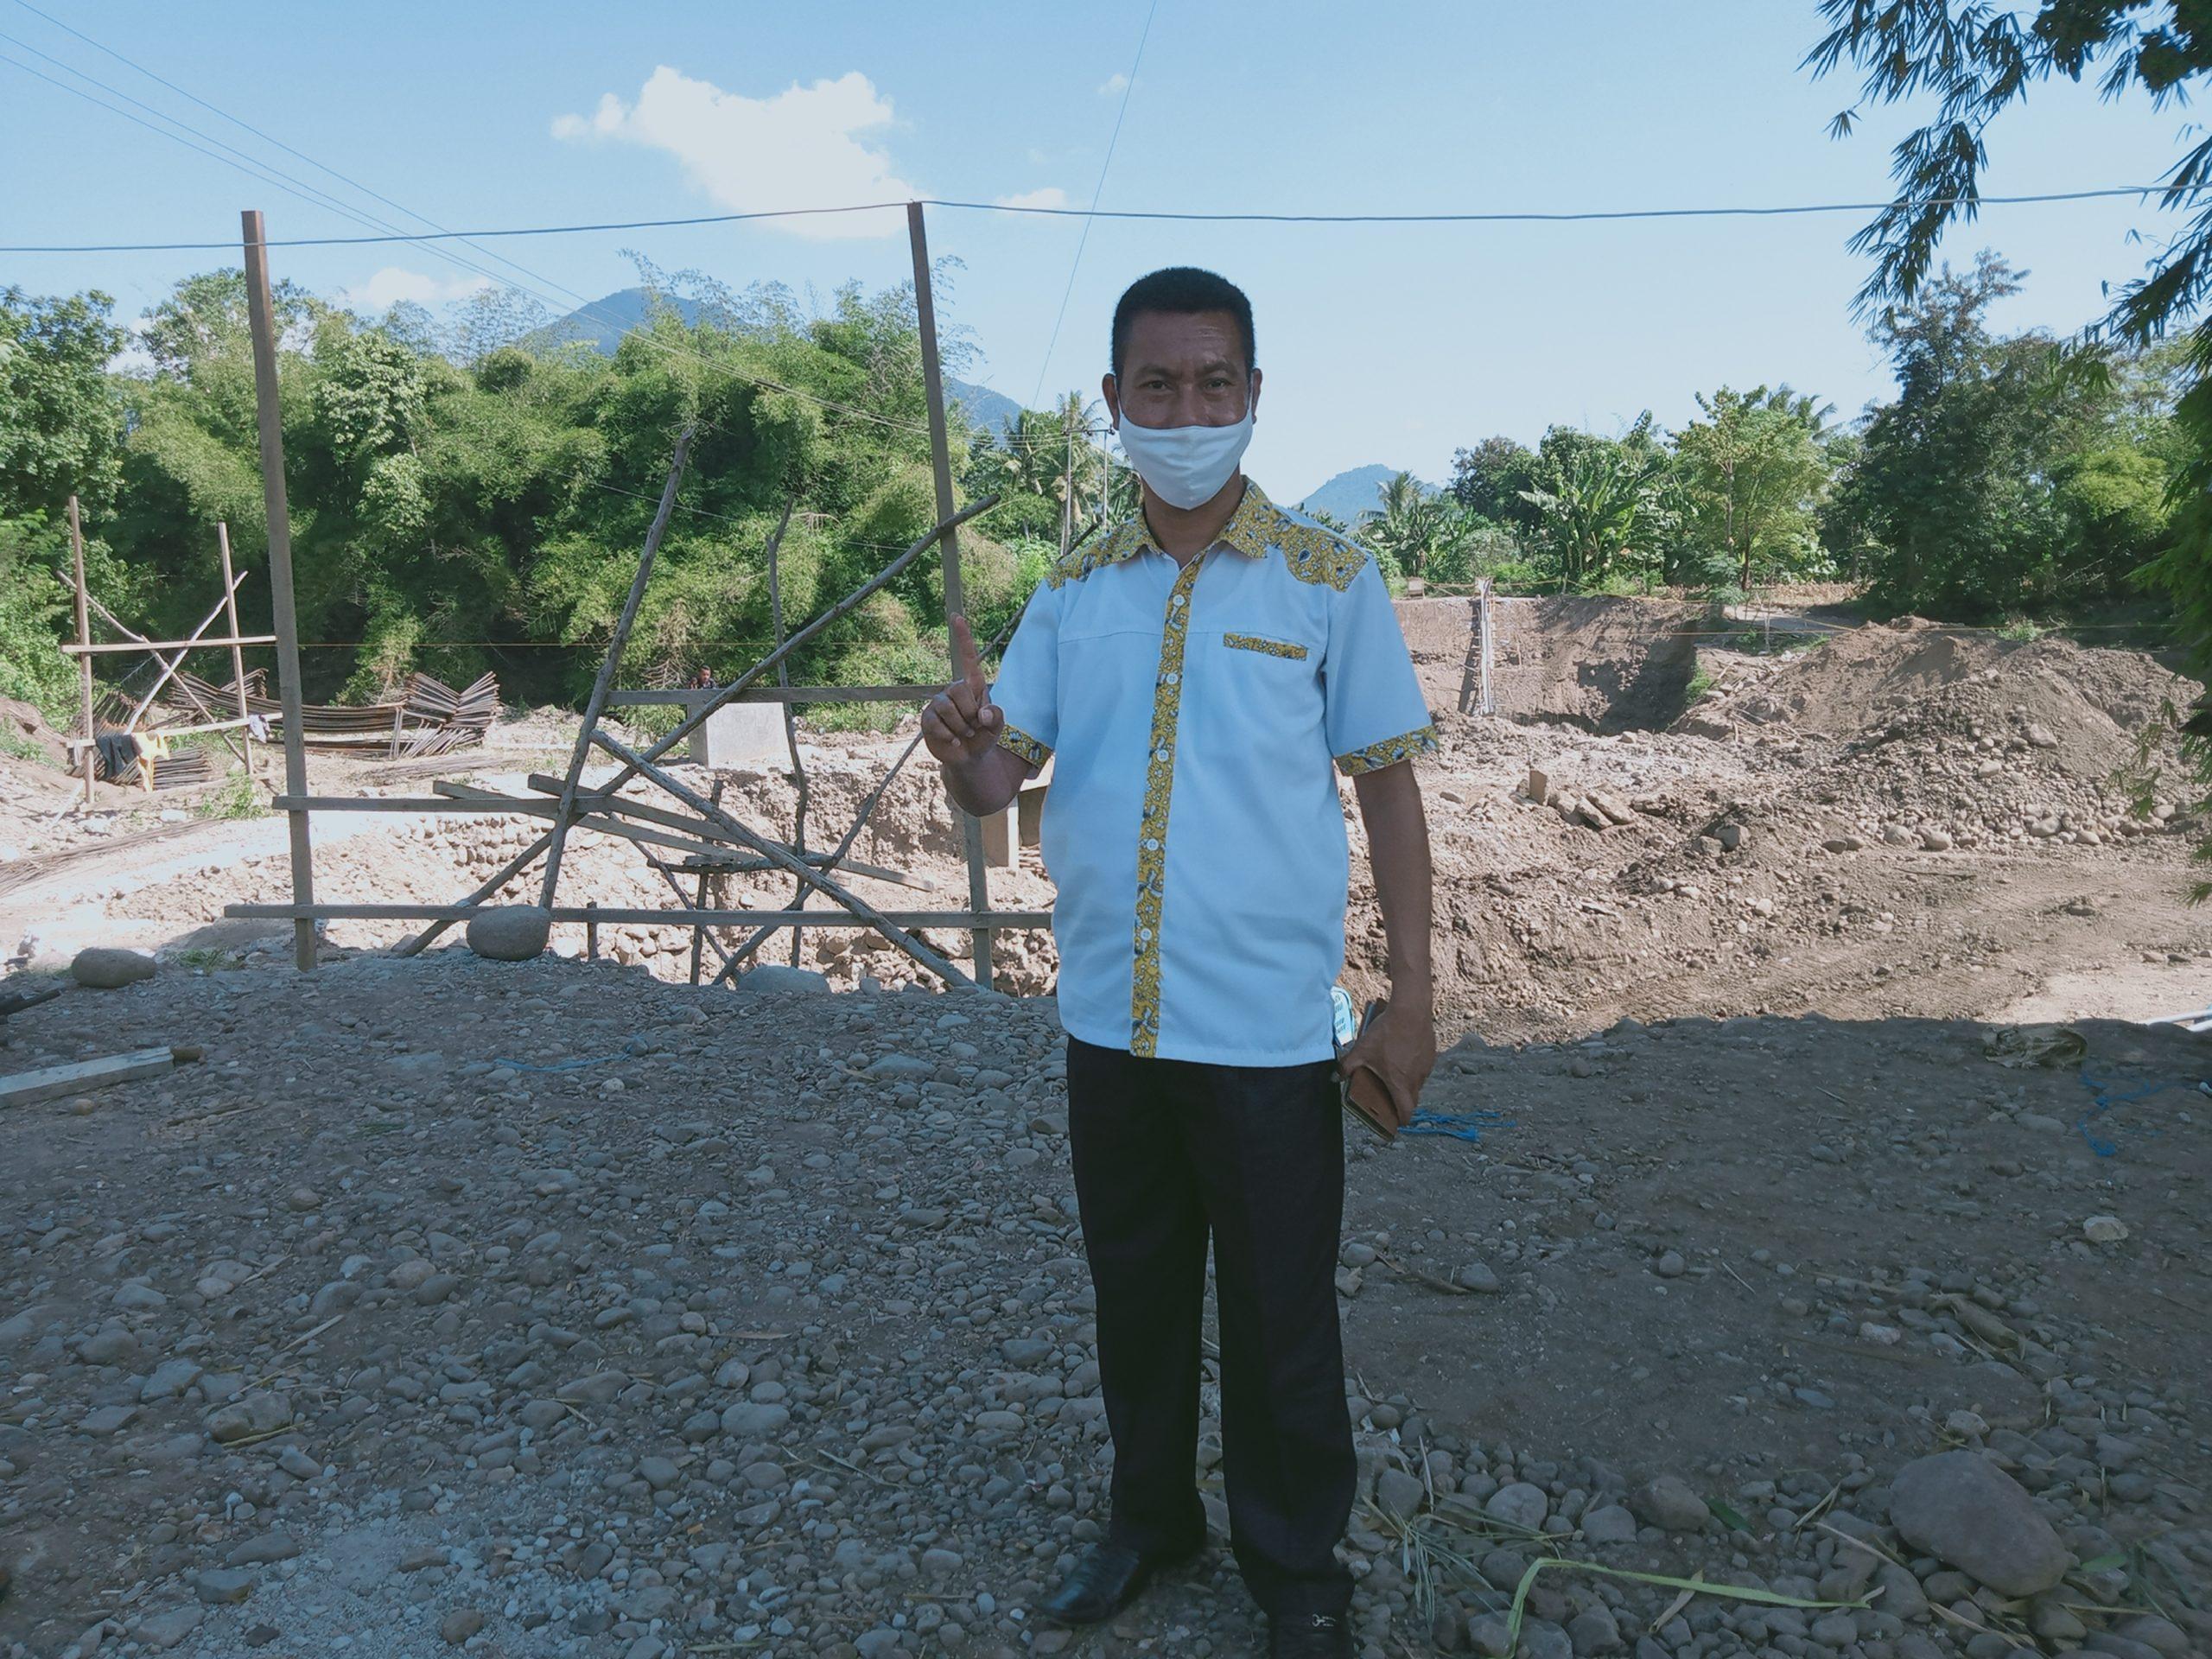 Petrus Gero Ketua DPRD Lembata, Siap Jadi Orang Pertama Disuntik Vaksin Anti Virus Covid 19 Di Lembata